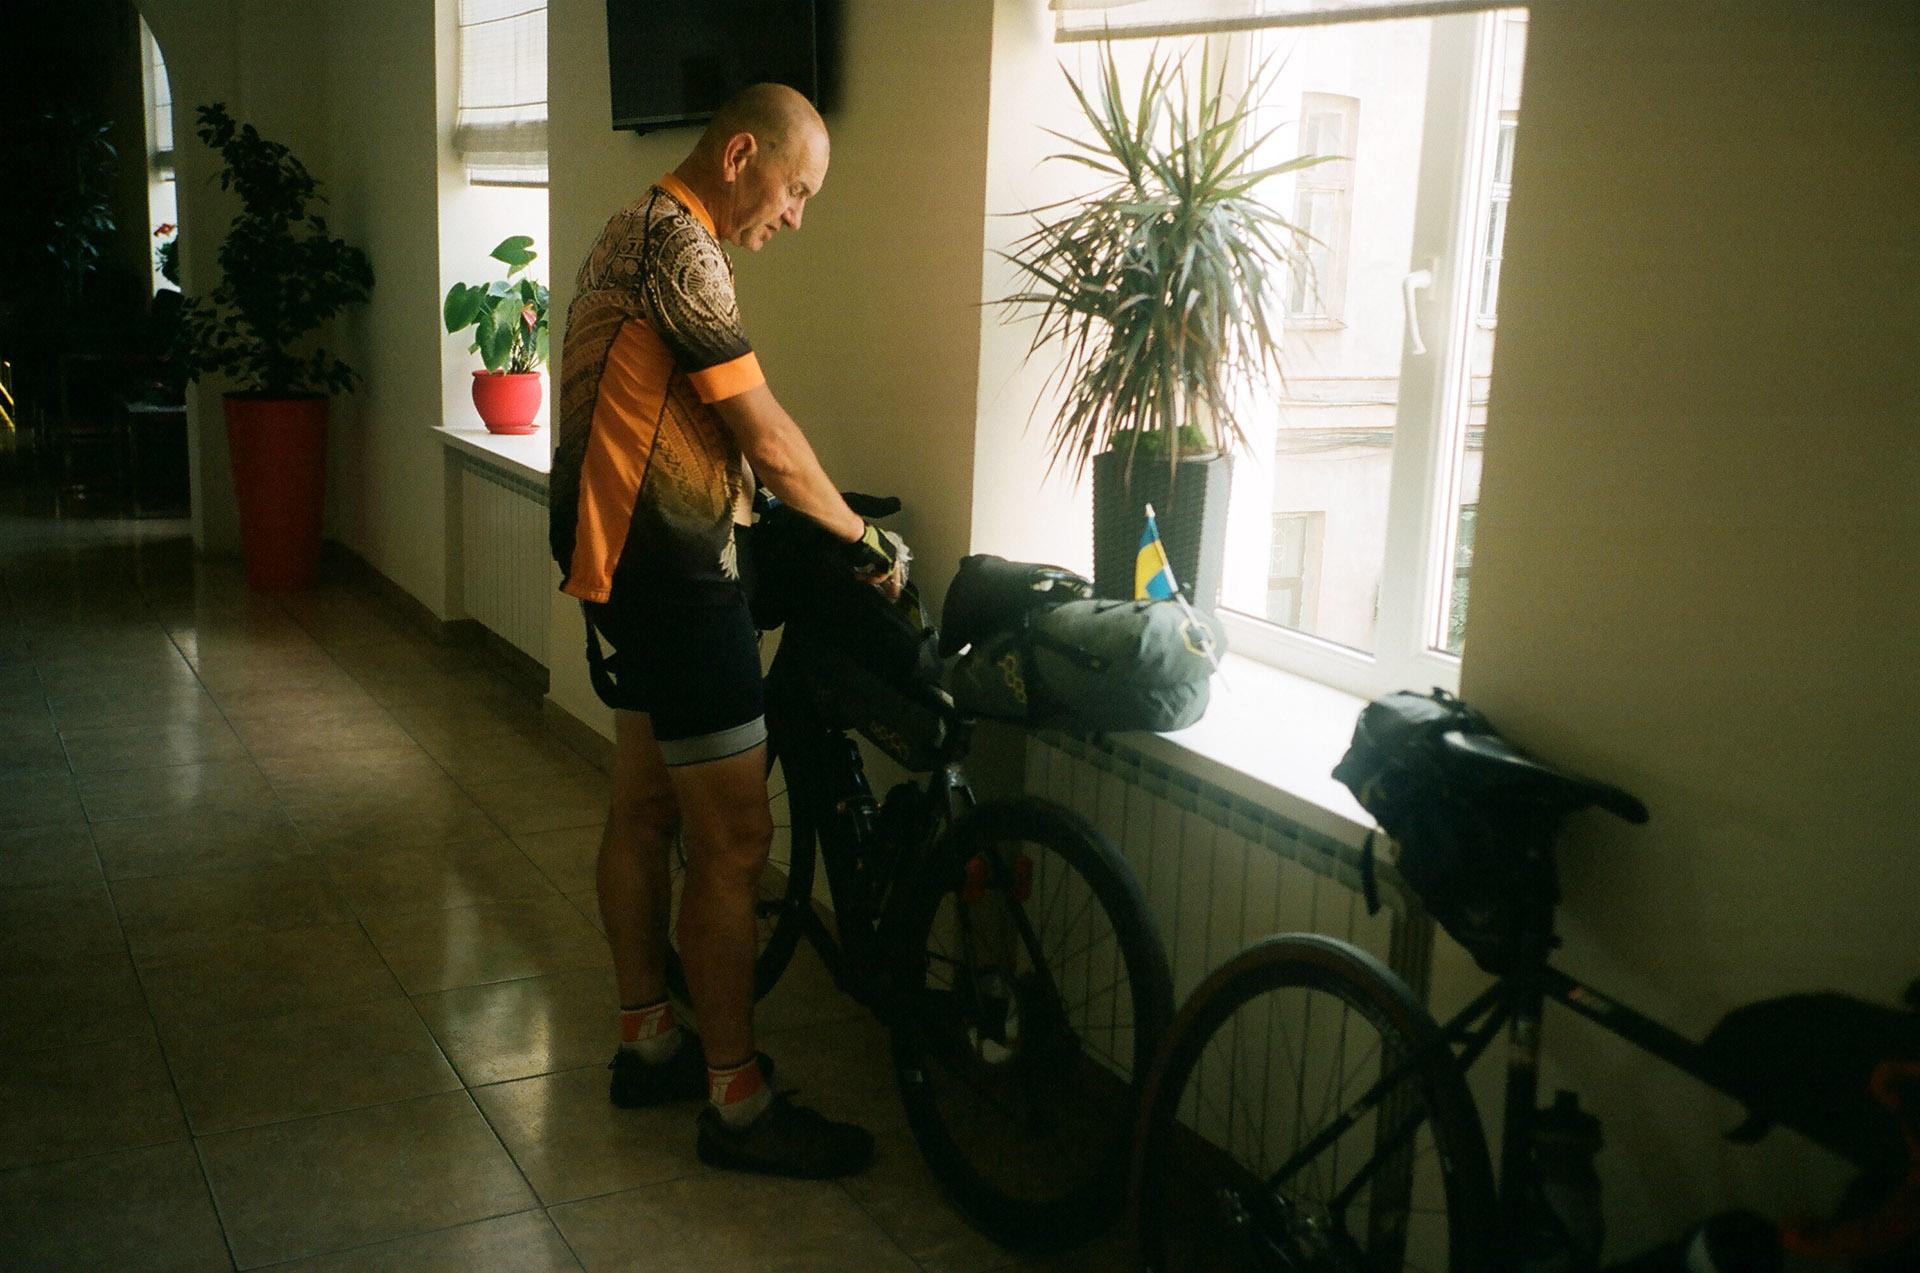 Чоловік, що стоїть перед велосипедом